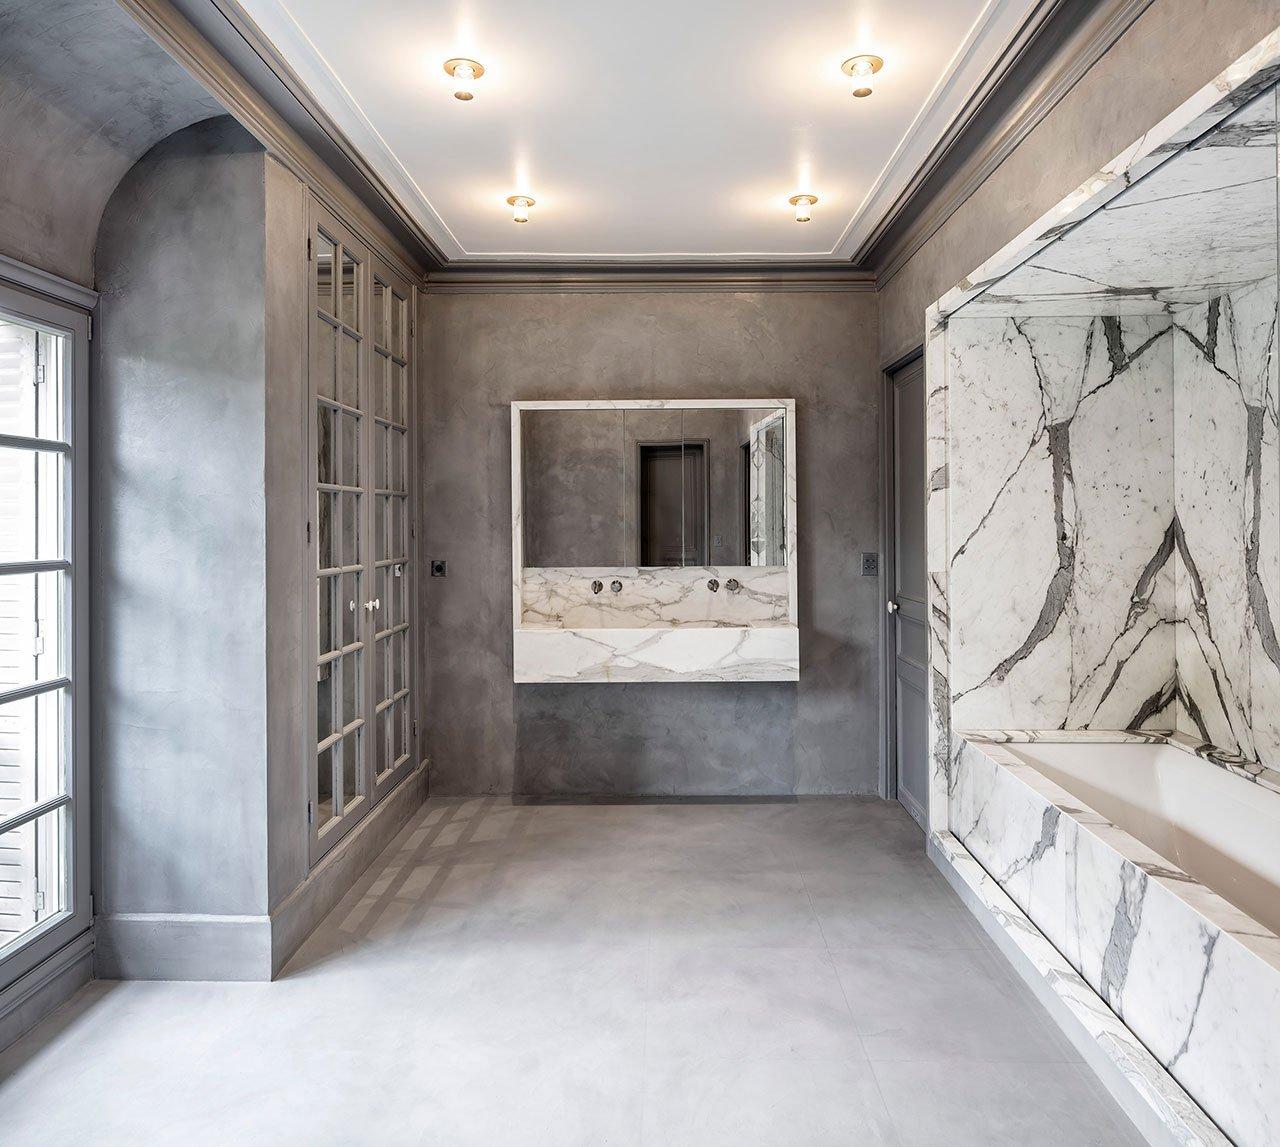 Uniek badkamer ontwerp door 05am arquitectura 2.jpg